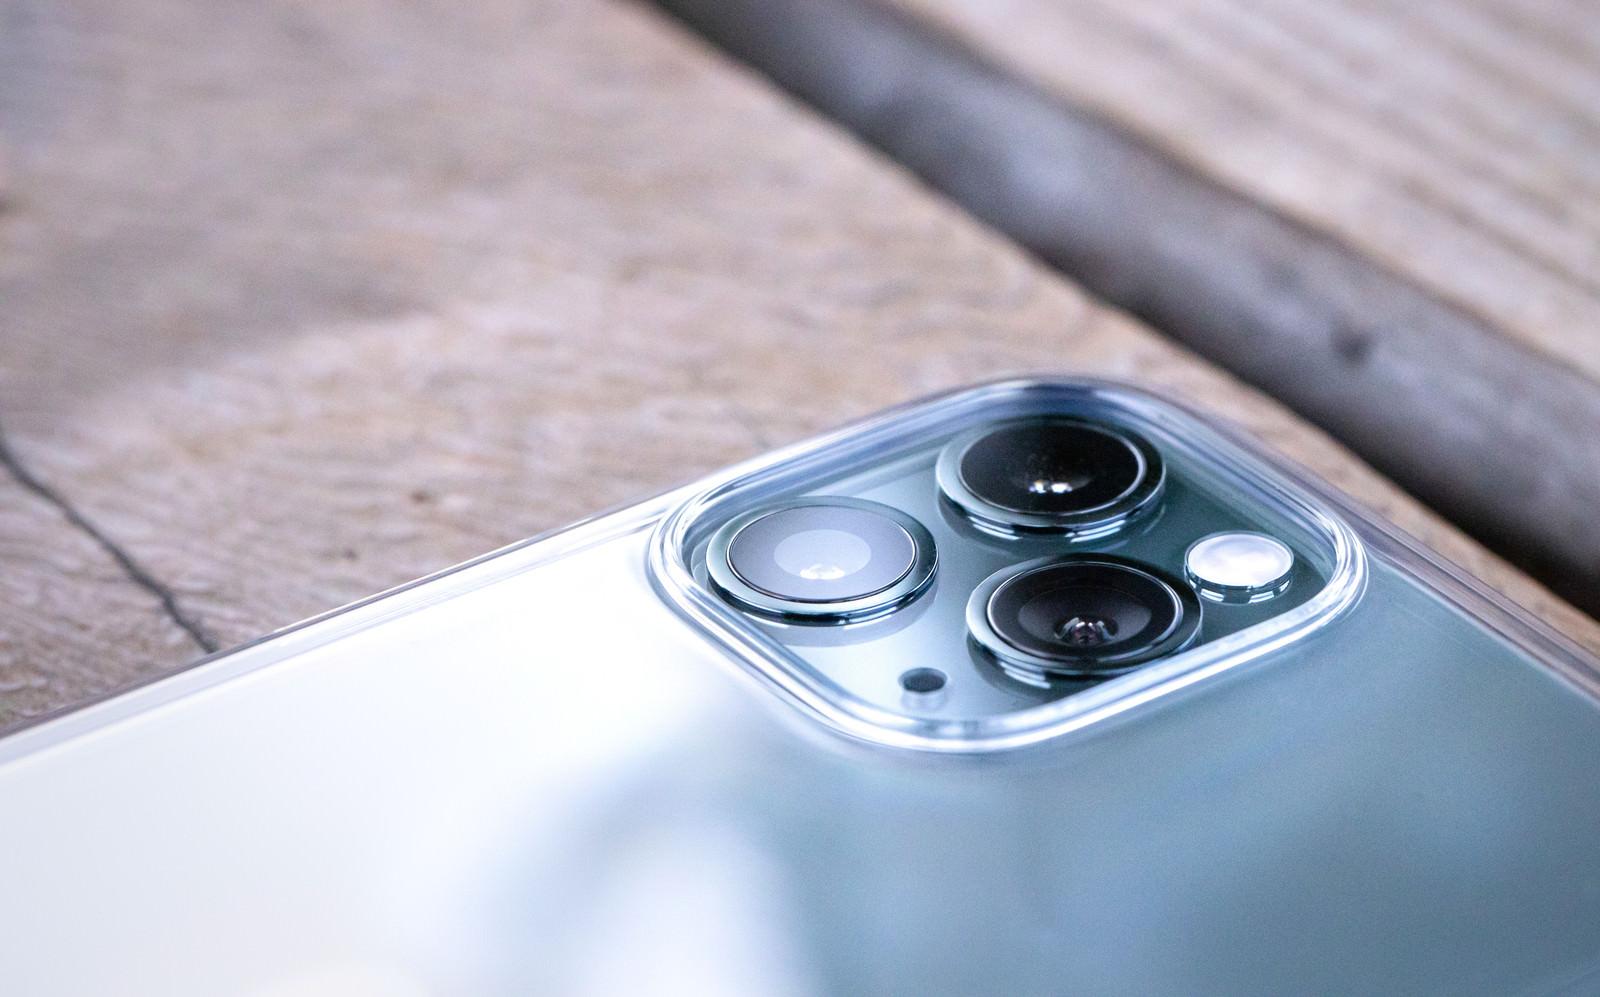 「超広角・広角・望遠の3つのカメラが搭載された iPhone 11 Pro」の写真